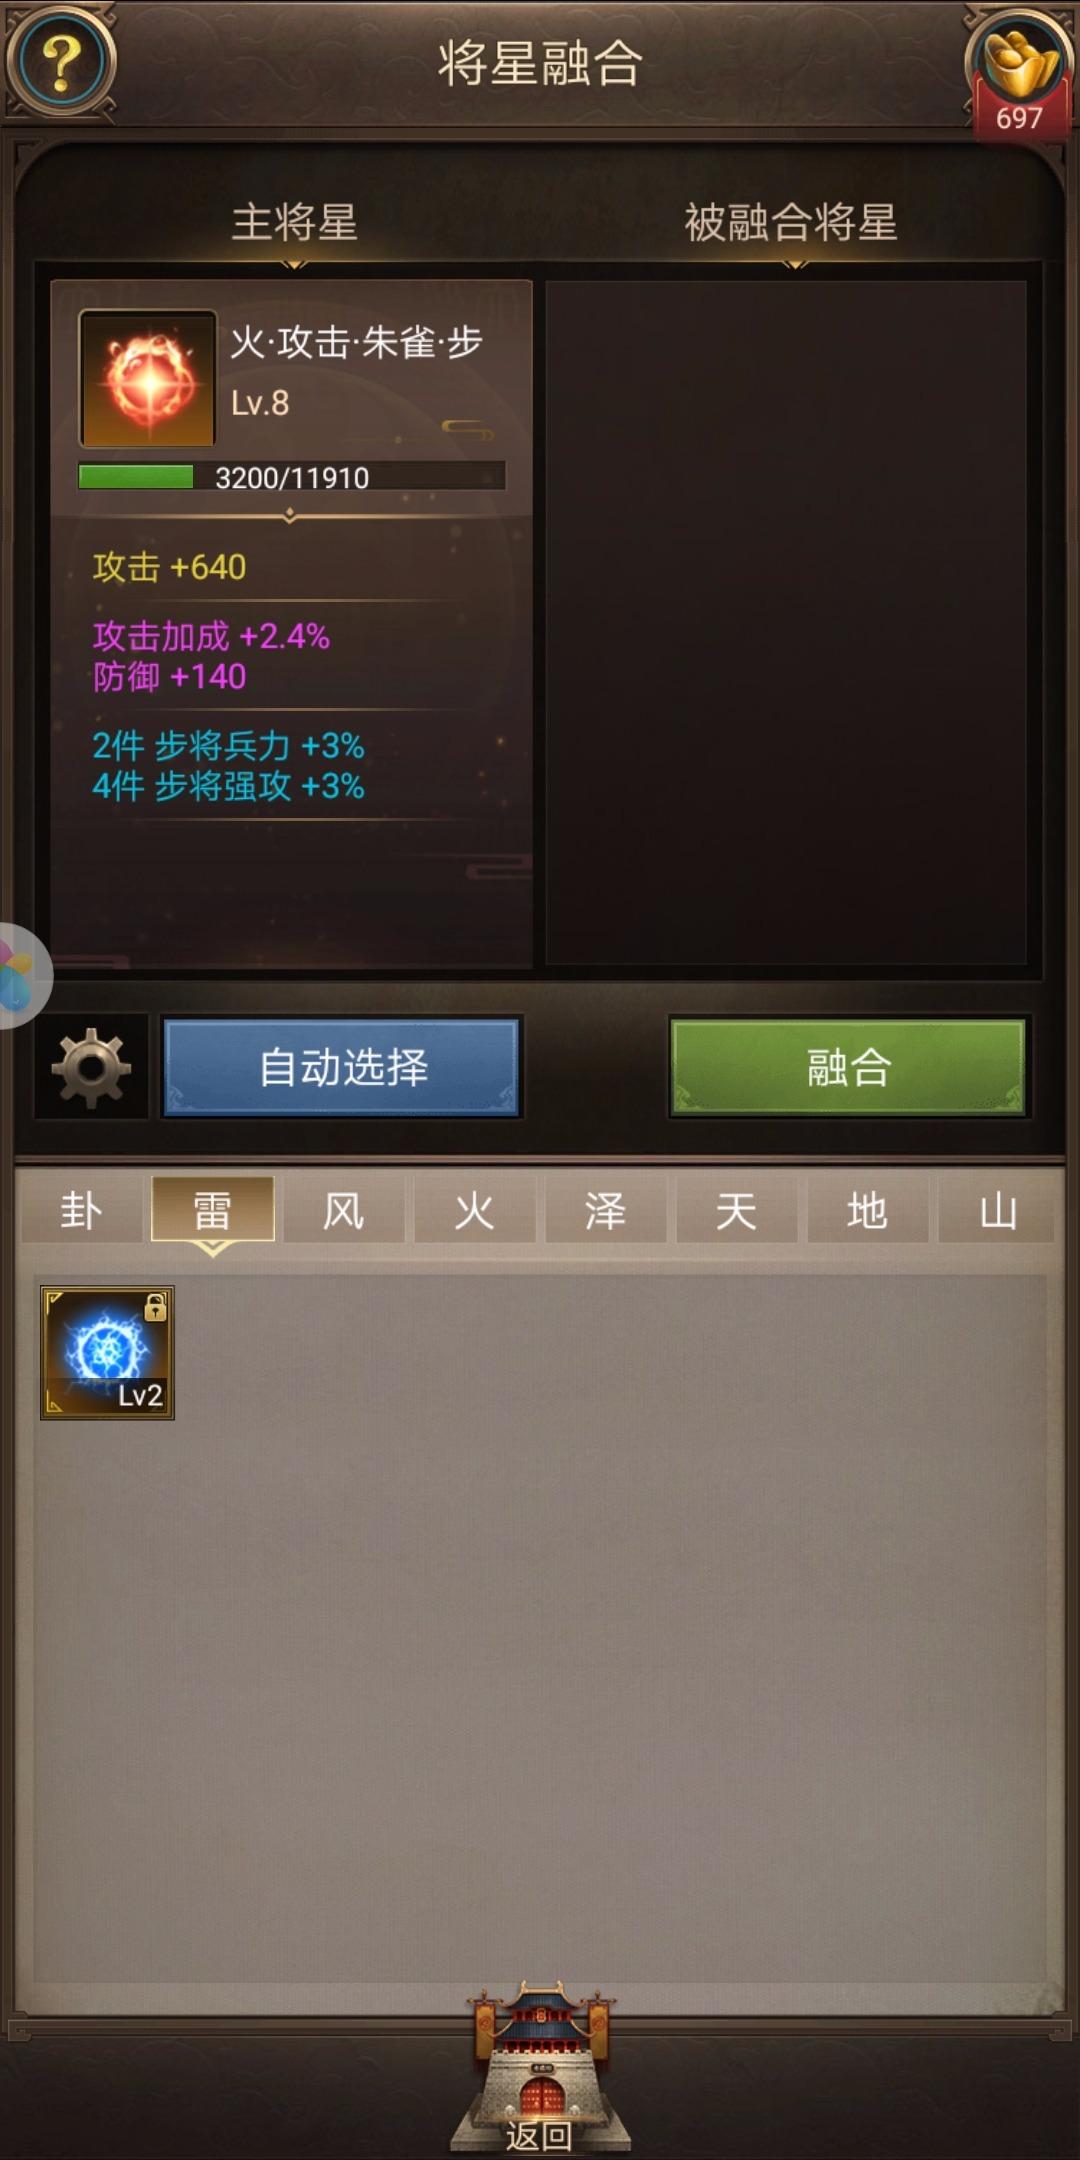 Screenshot_20181203-190828.jpg